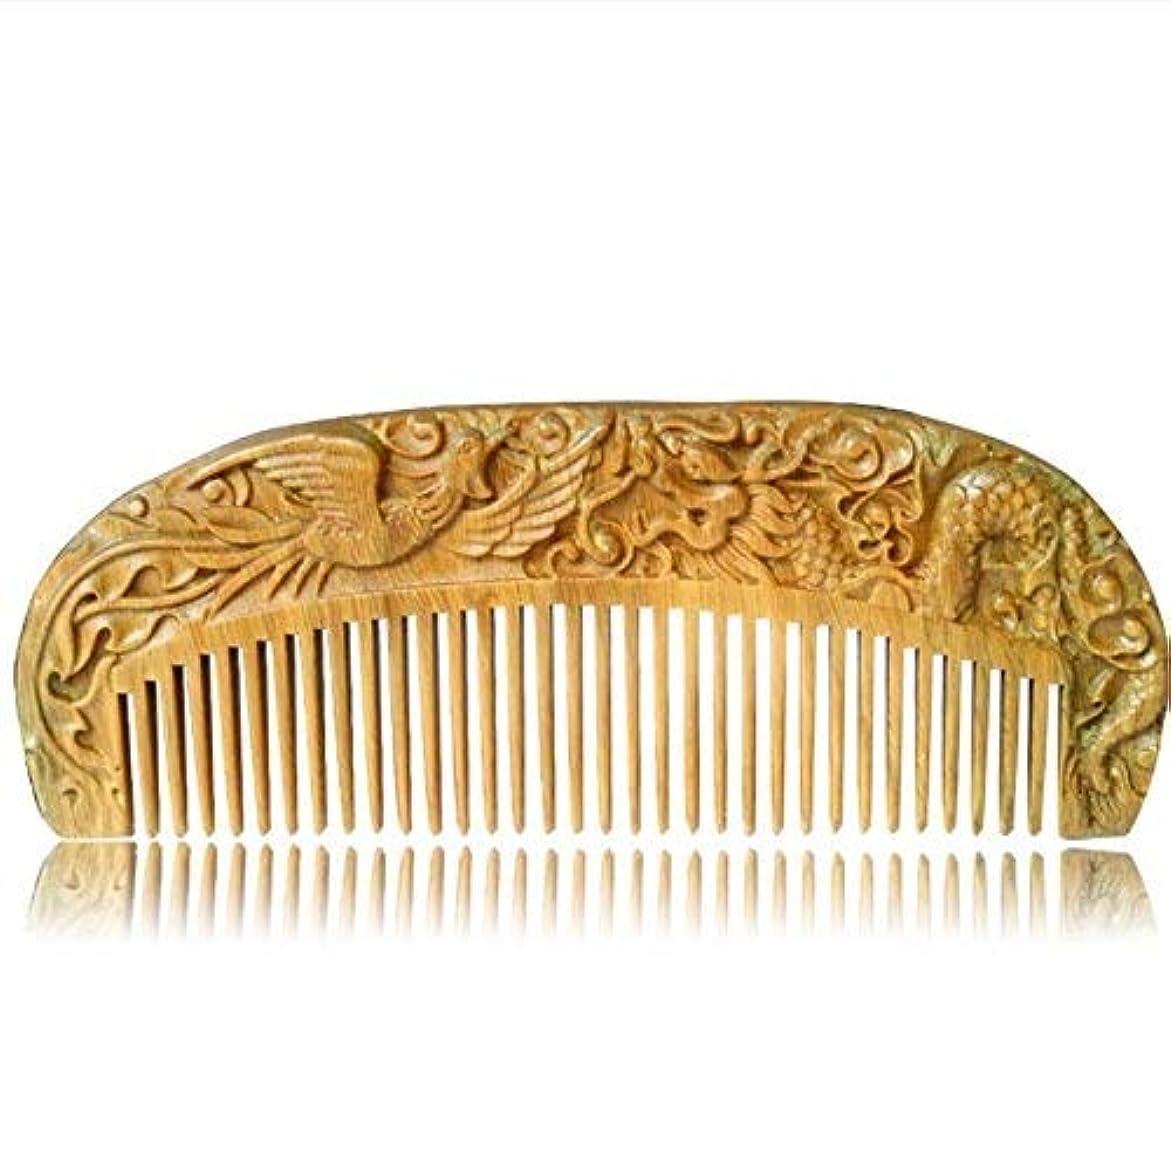 怖がらせる貫入死の顎Handmade Carved Natural Sandalwood Hair Comb - Anti-Static Sandalwood Hair Comb Beard Brush Rake Comb Handmade...